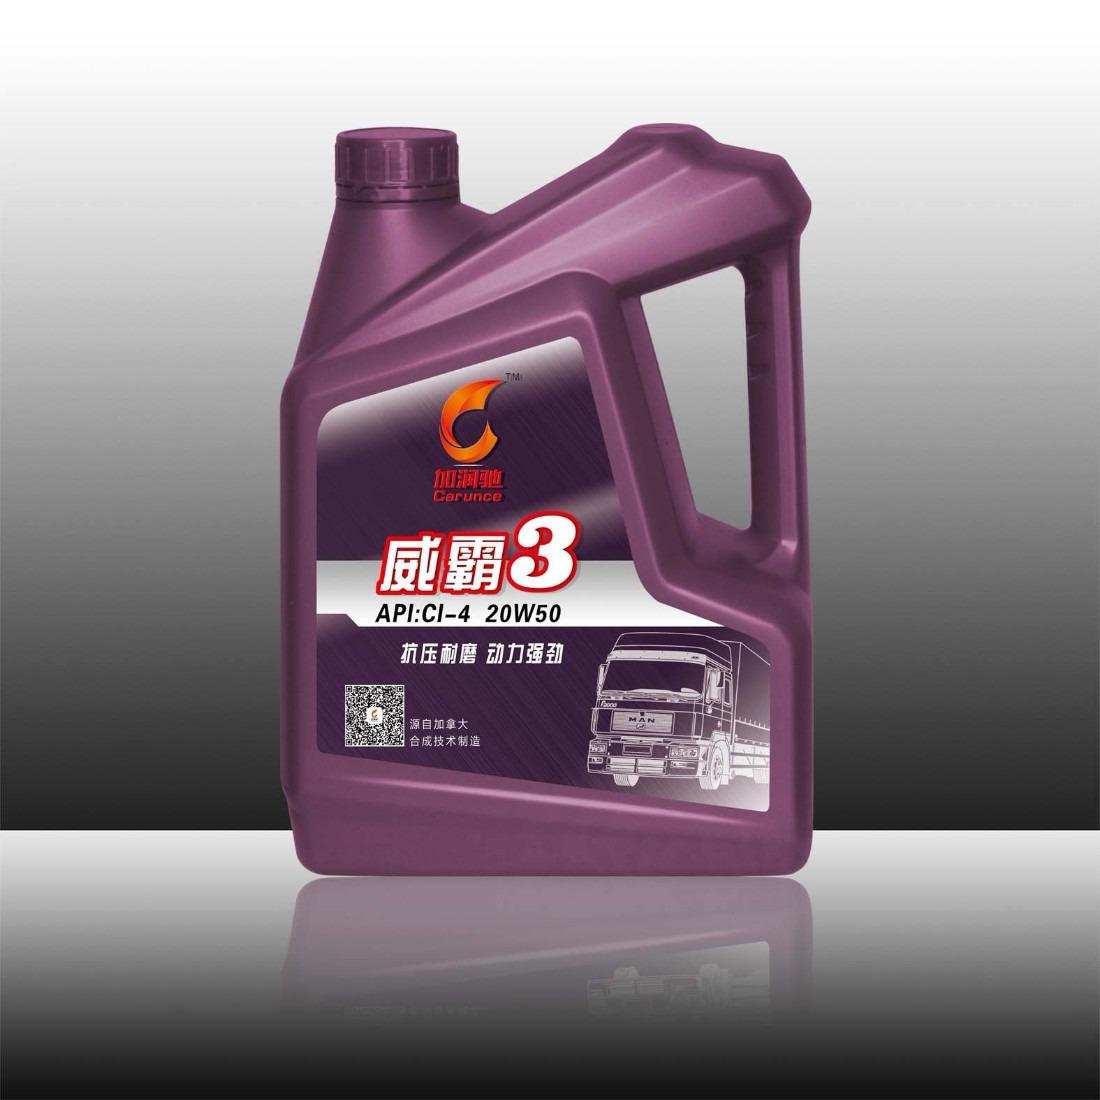 国五国六柴油车用,威霸3号,CI-4级,抗磨柴机油,威霸3,